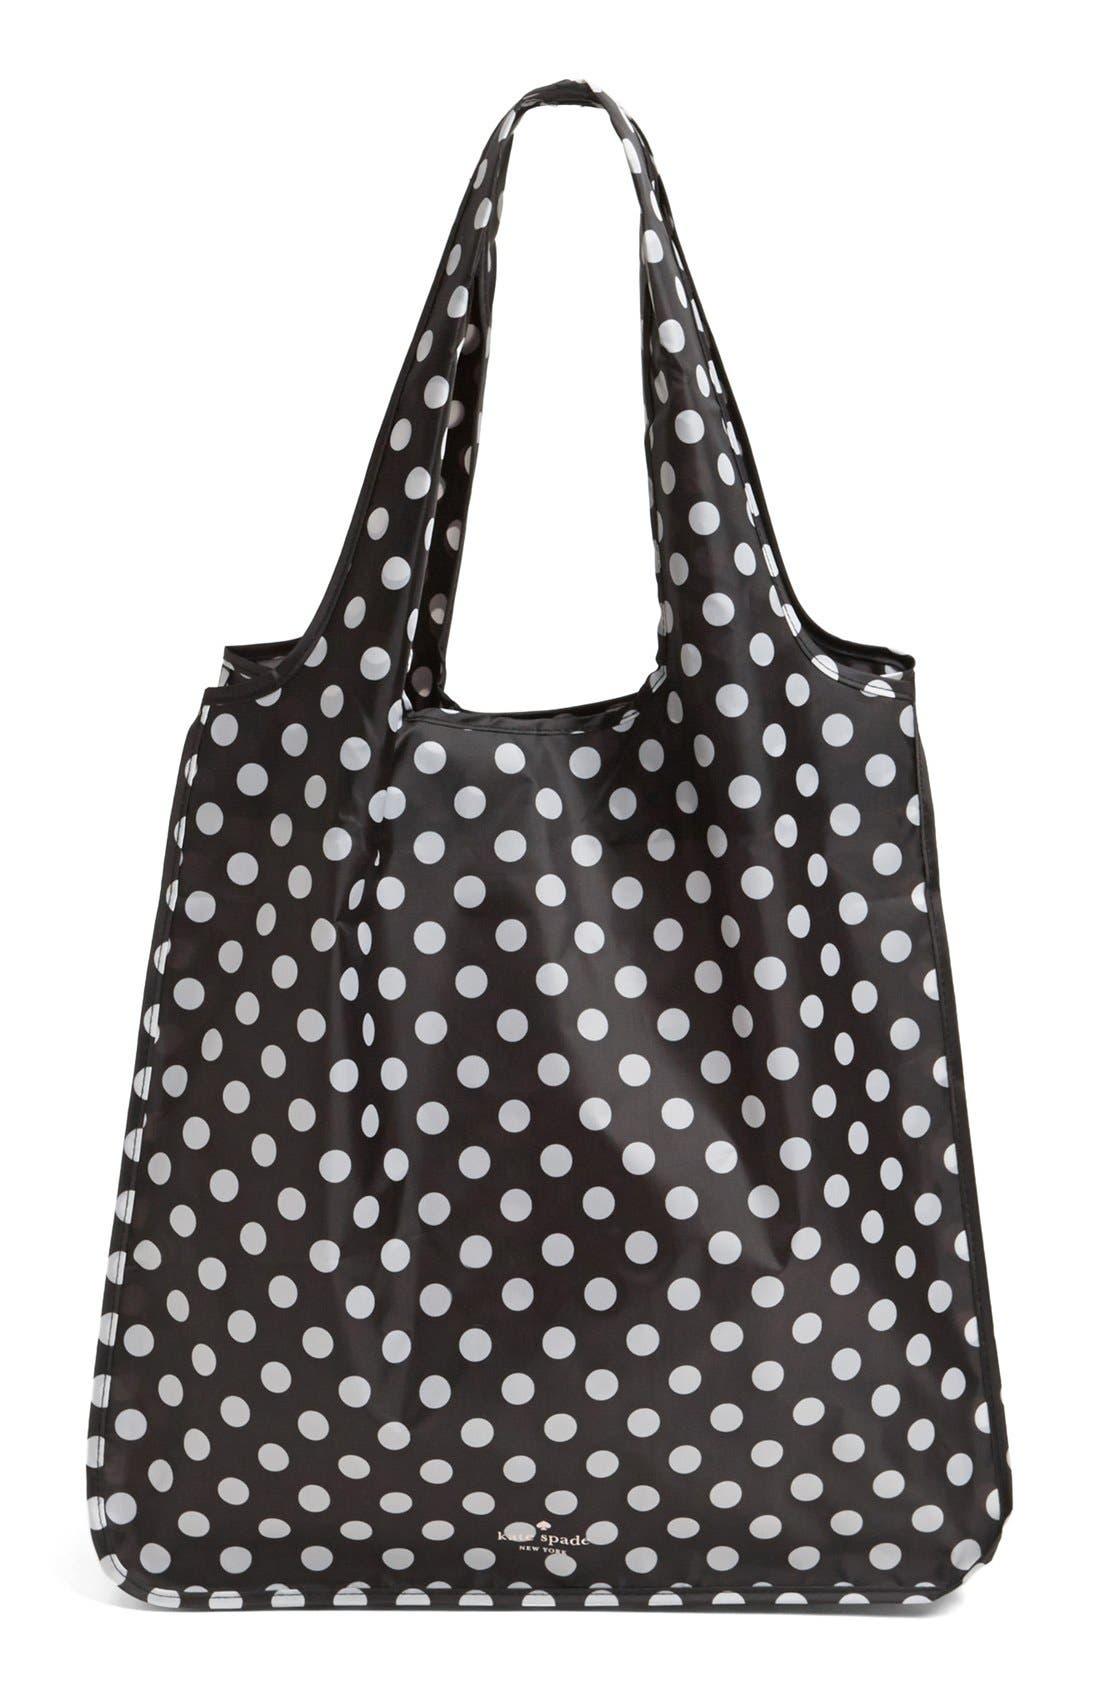 KATE SPADE NEW YORK 'polka dot' reusable shopping